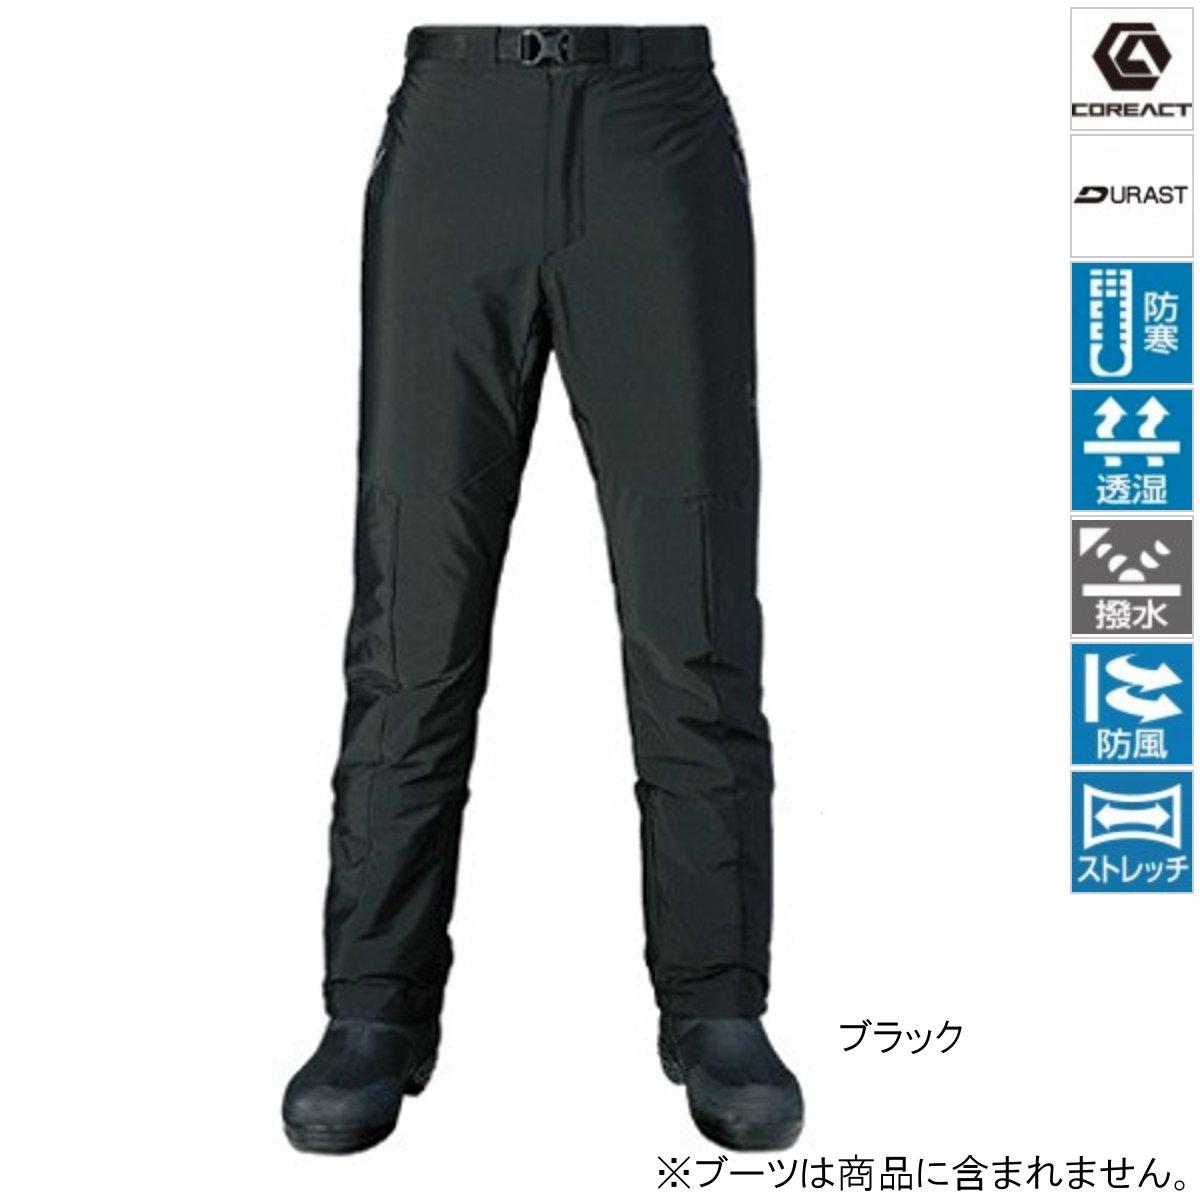 シマノ XEFO ストレッチサーマルパンツ PA-245R XL ブラック(東日本店)